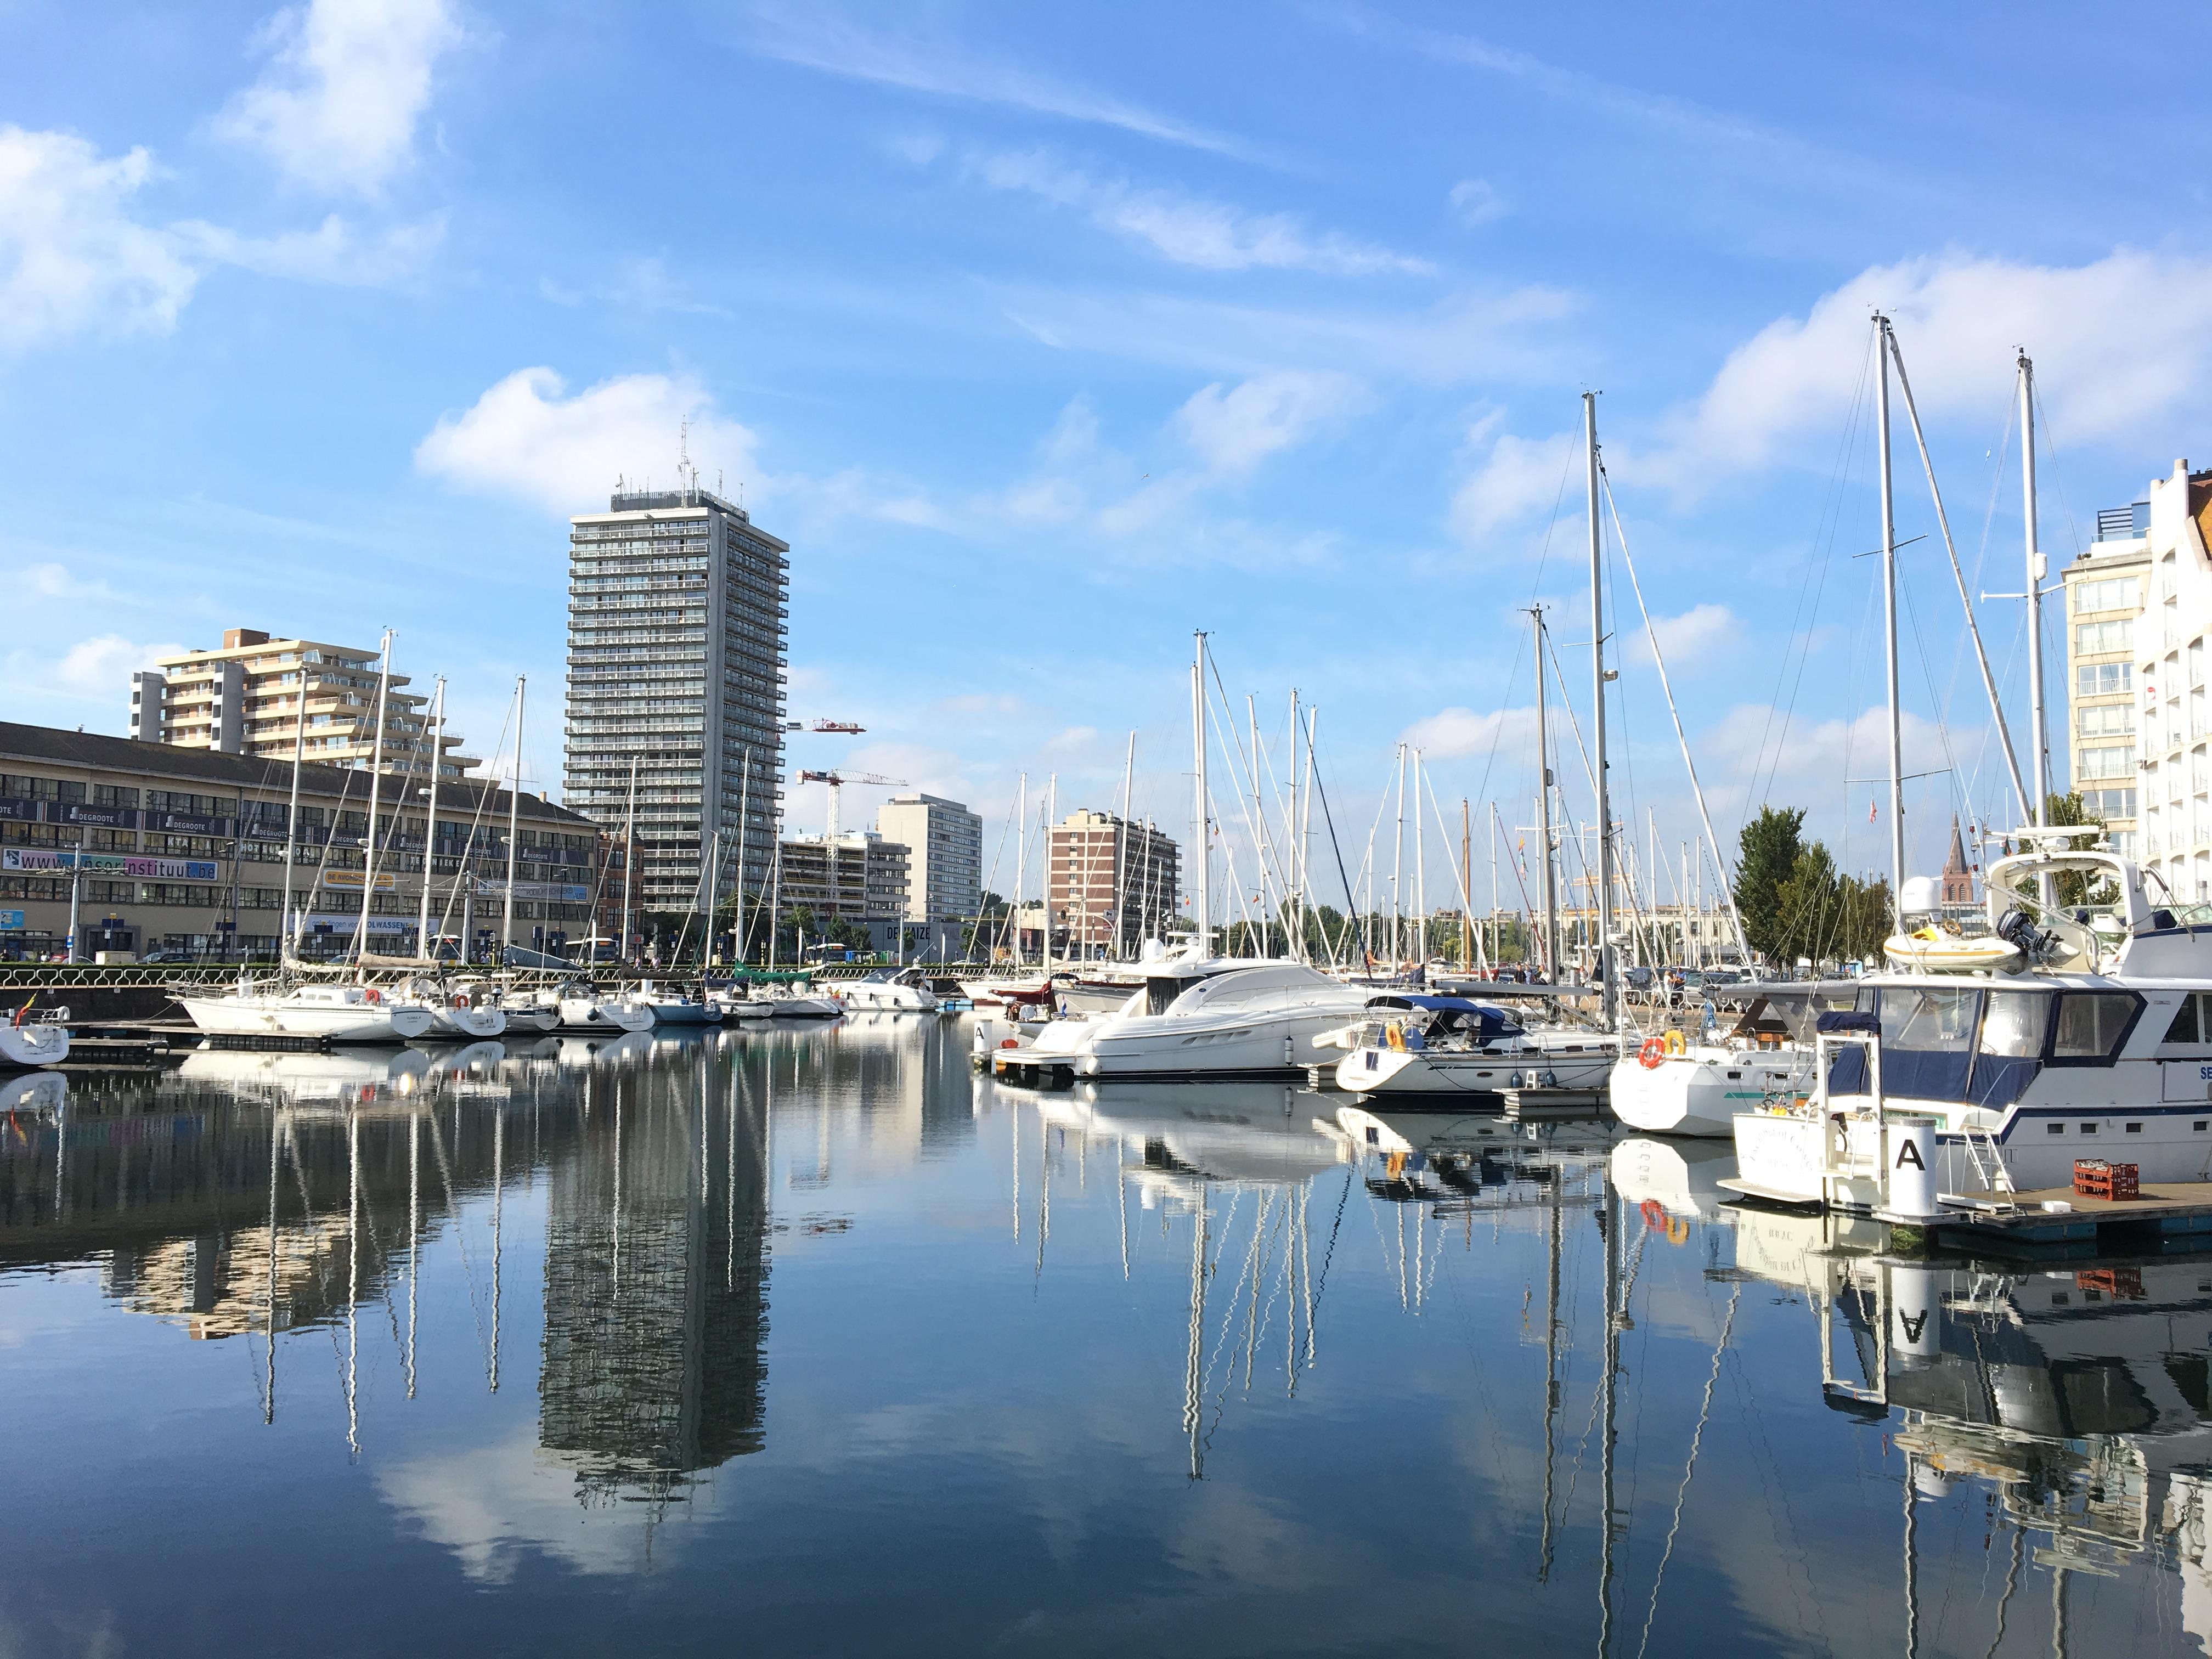 Une journéee à Oostende